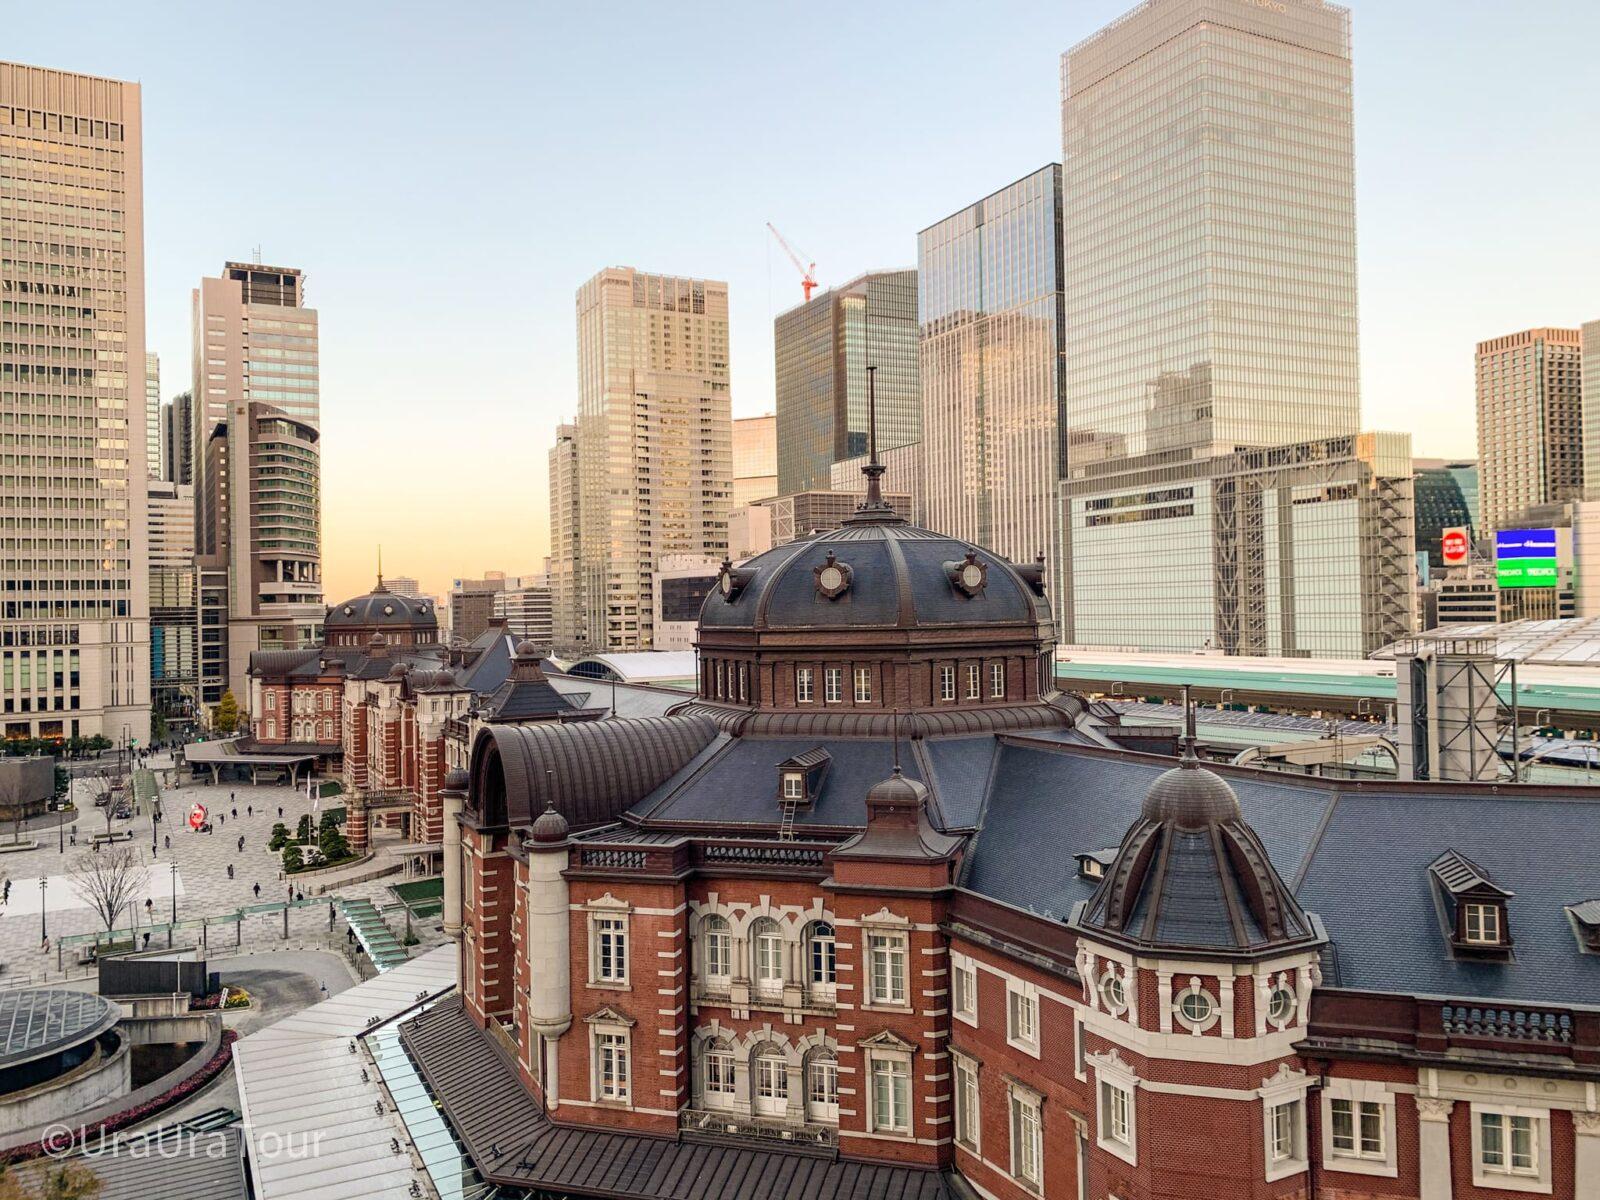 知られざる謎と歴史を紐解く!「東京駅」の表の顔と裏の顔【知ってるつもりの東京さんぽ】